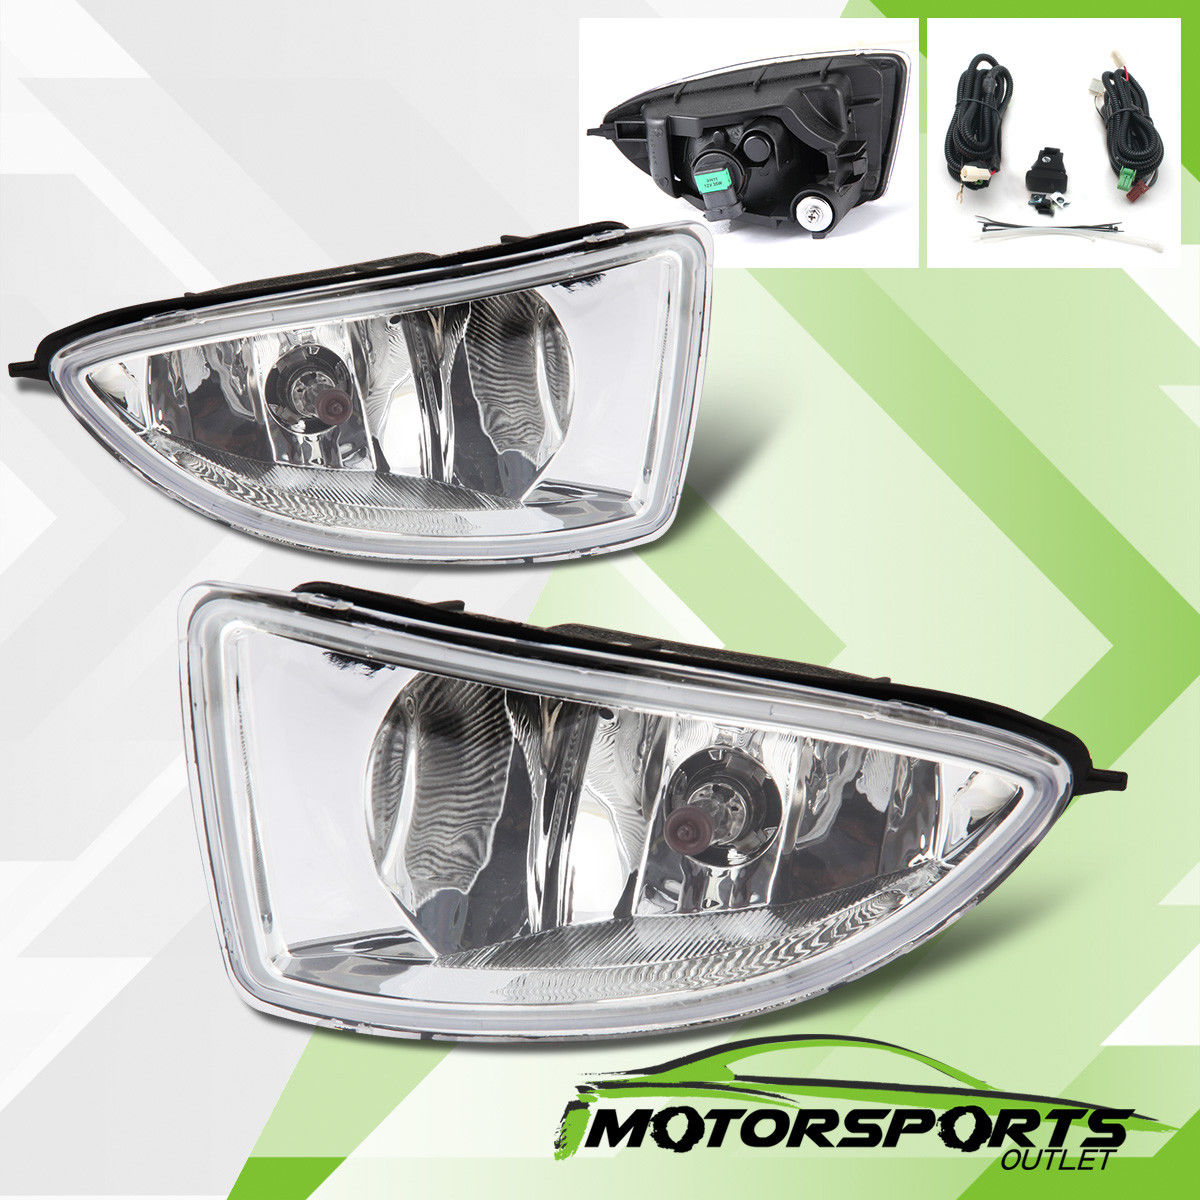 フォグライト For 2004 2005 Honda Civic 2DR/4DR Coupe Sedan Clear Fog Lights w/ Switch+Harness 2004年のホンダシビック2DR / 4DRクーペセダンクリアフォグライト(スイッチ+ハーネス付)